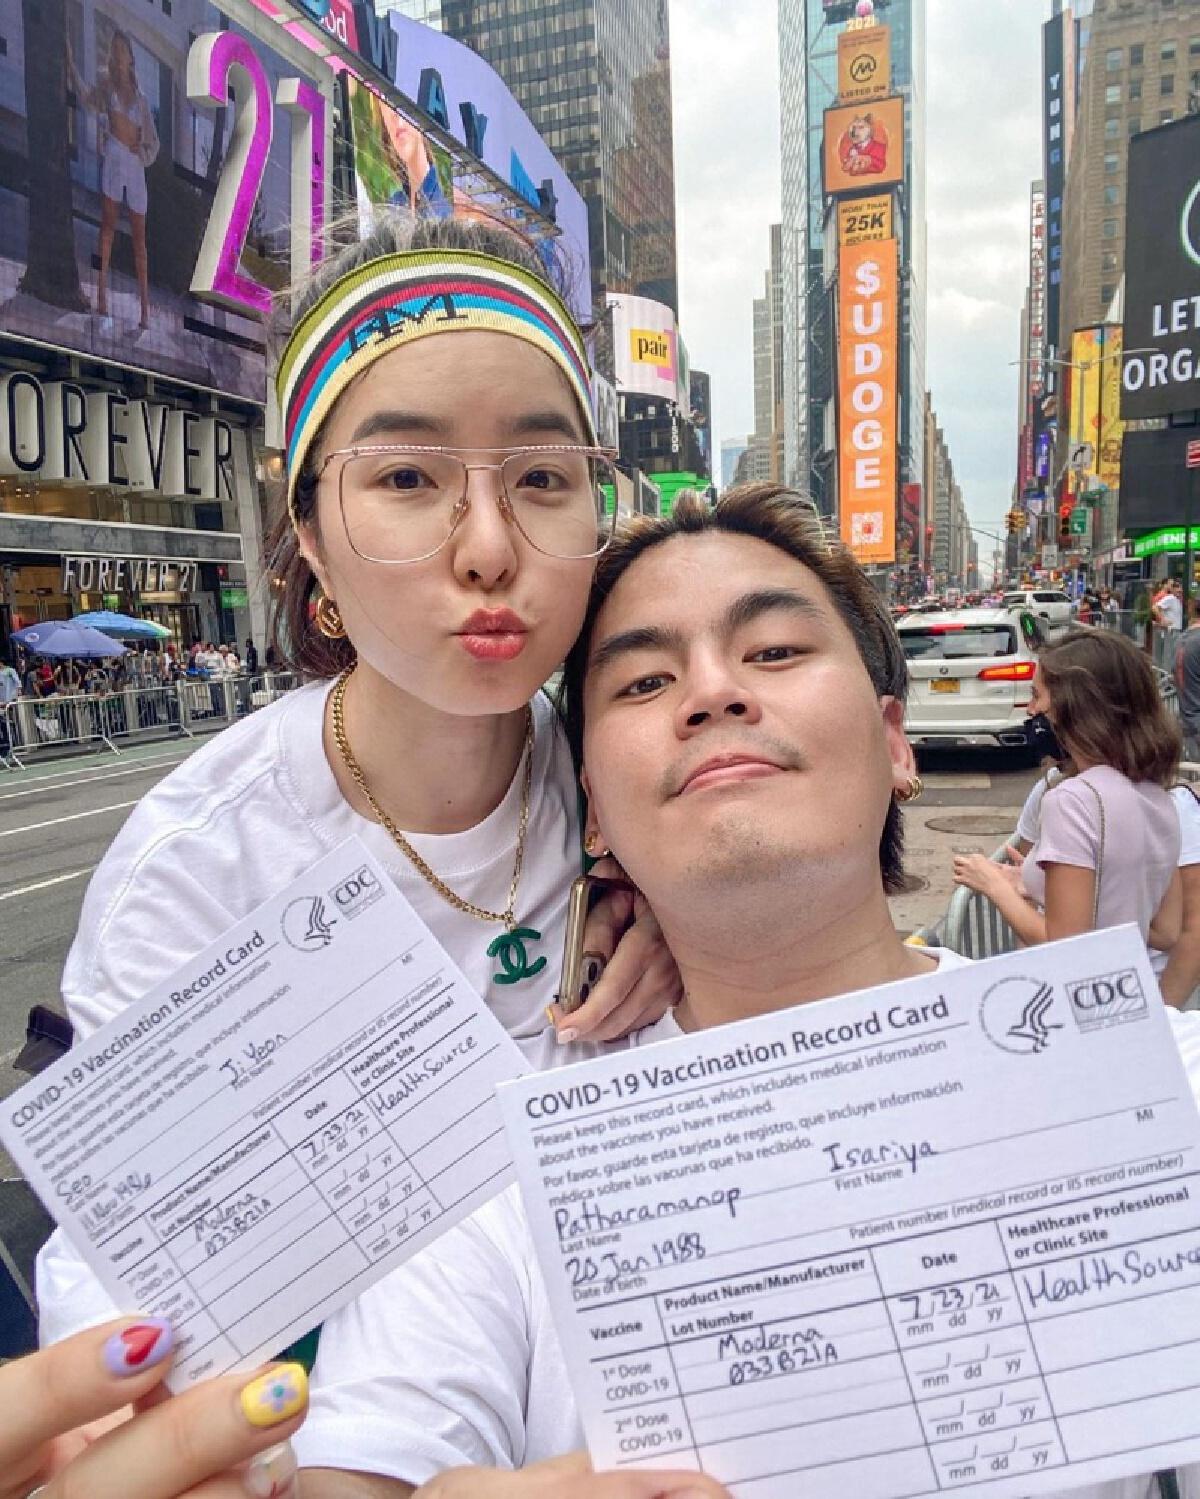 """เหน็บ""""จียอน""""รีวิว ฉีดวัคซีน ณ อเมริกา พร้อมชี้""""ใครอยากบินมาฉีด"""""""